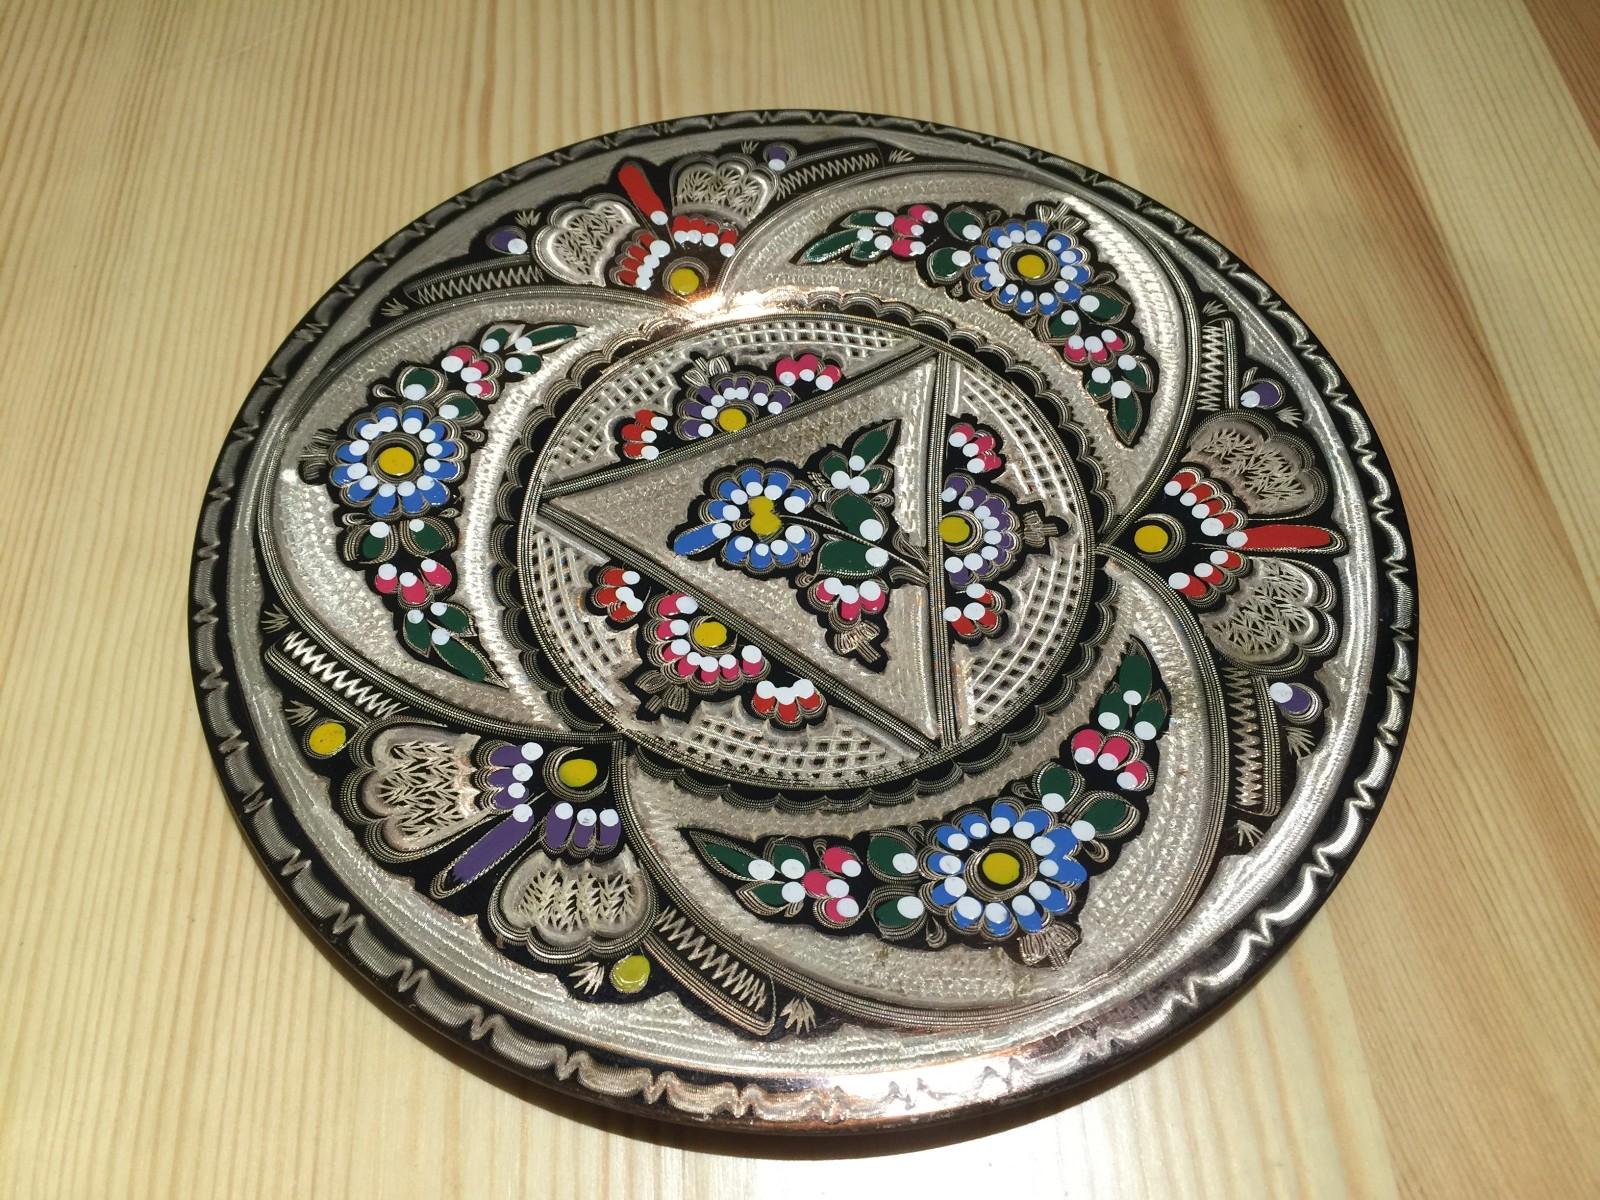 土耳其精品工艺彩盘 家居装饰 摆件图片四